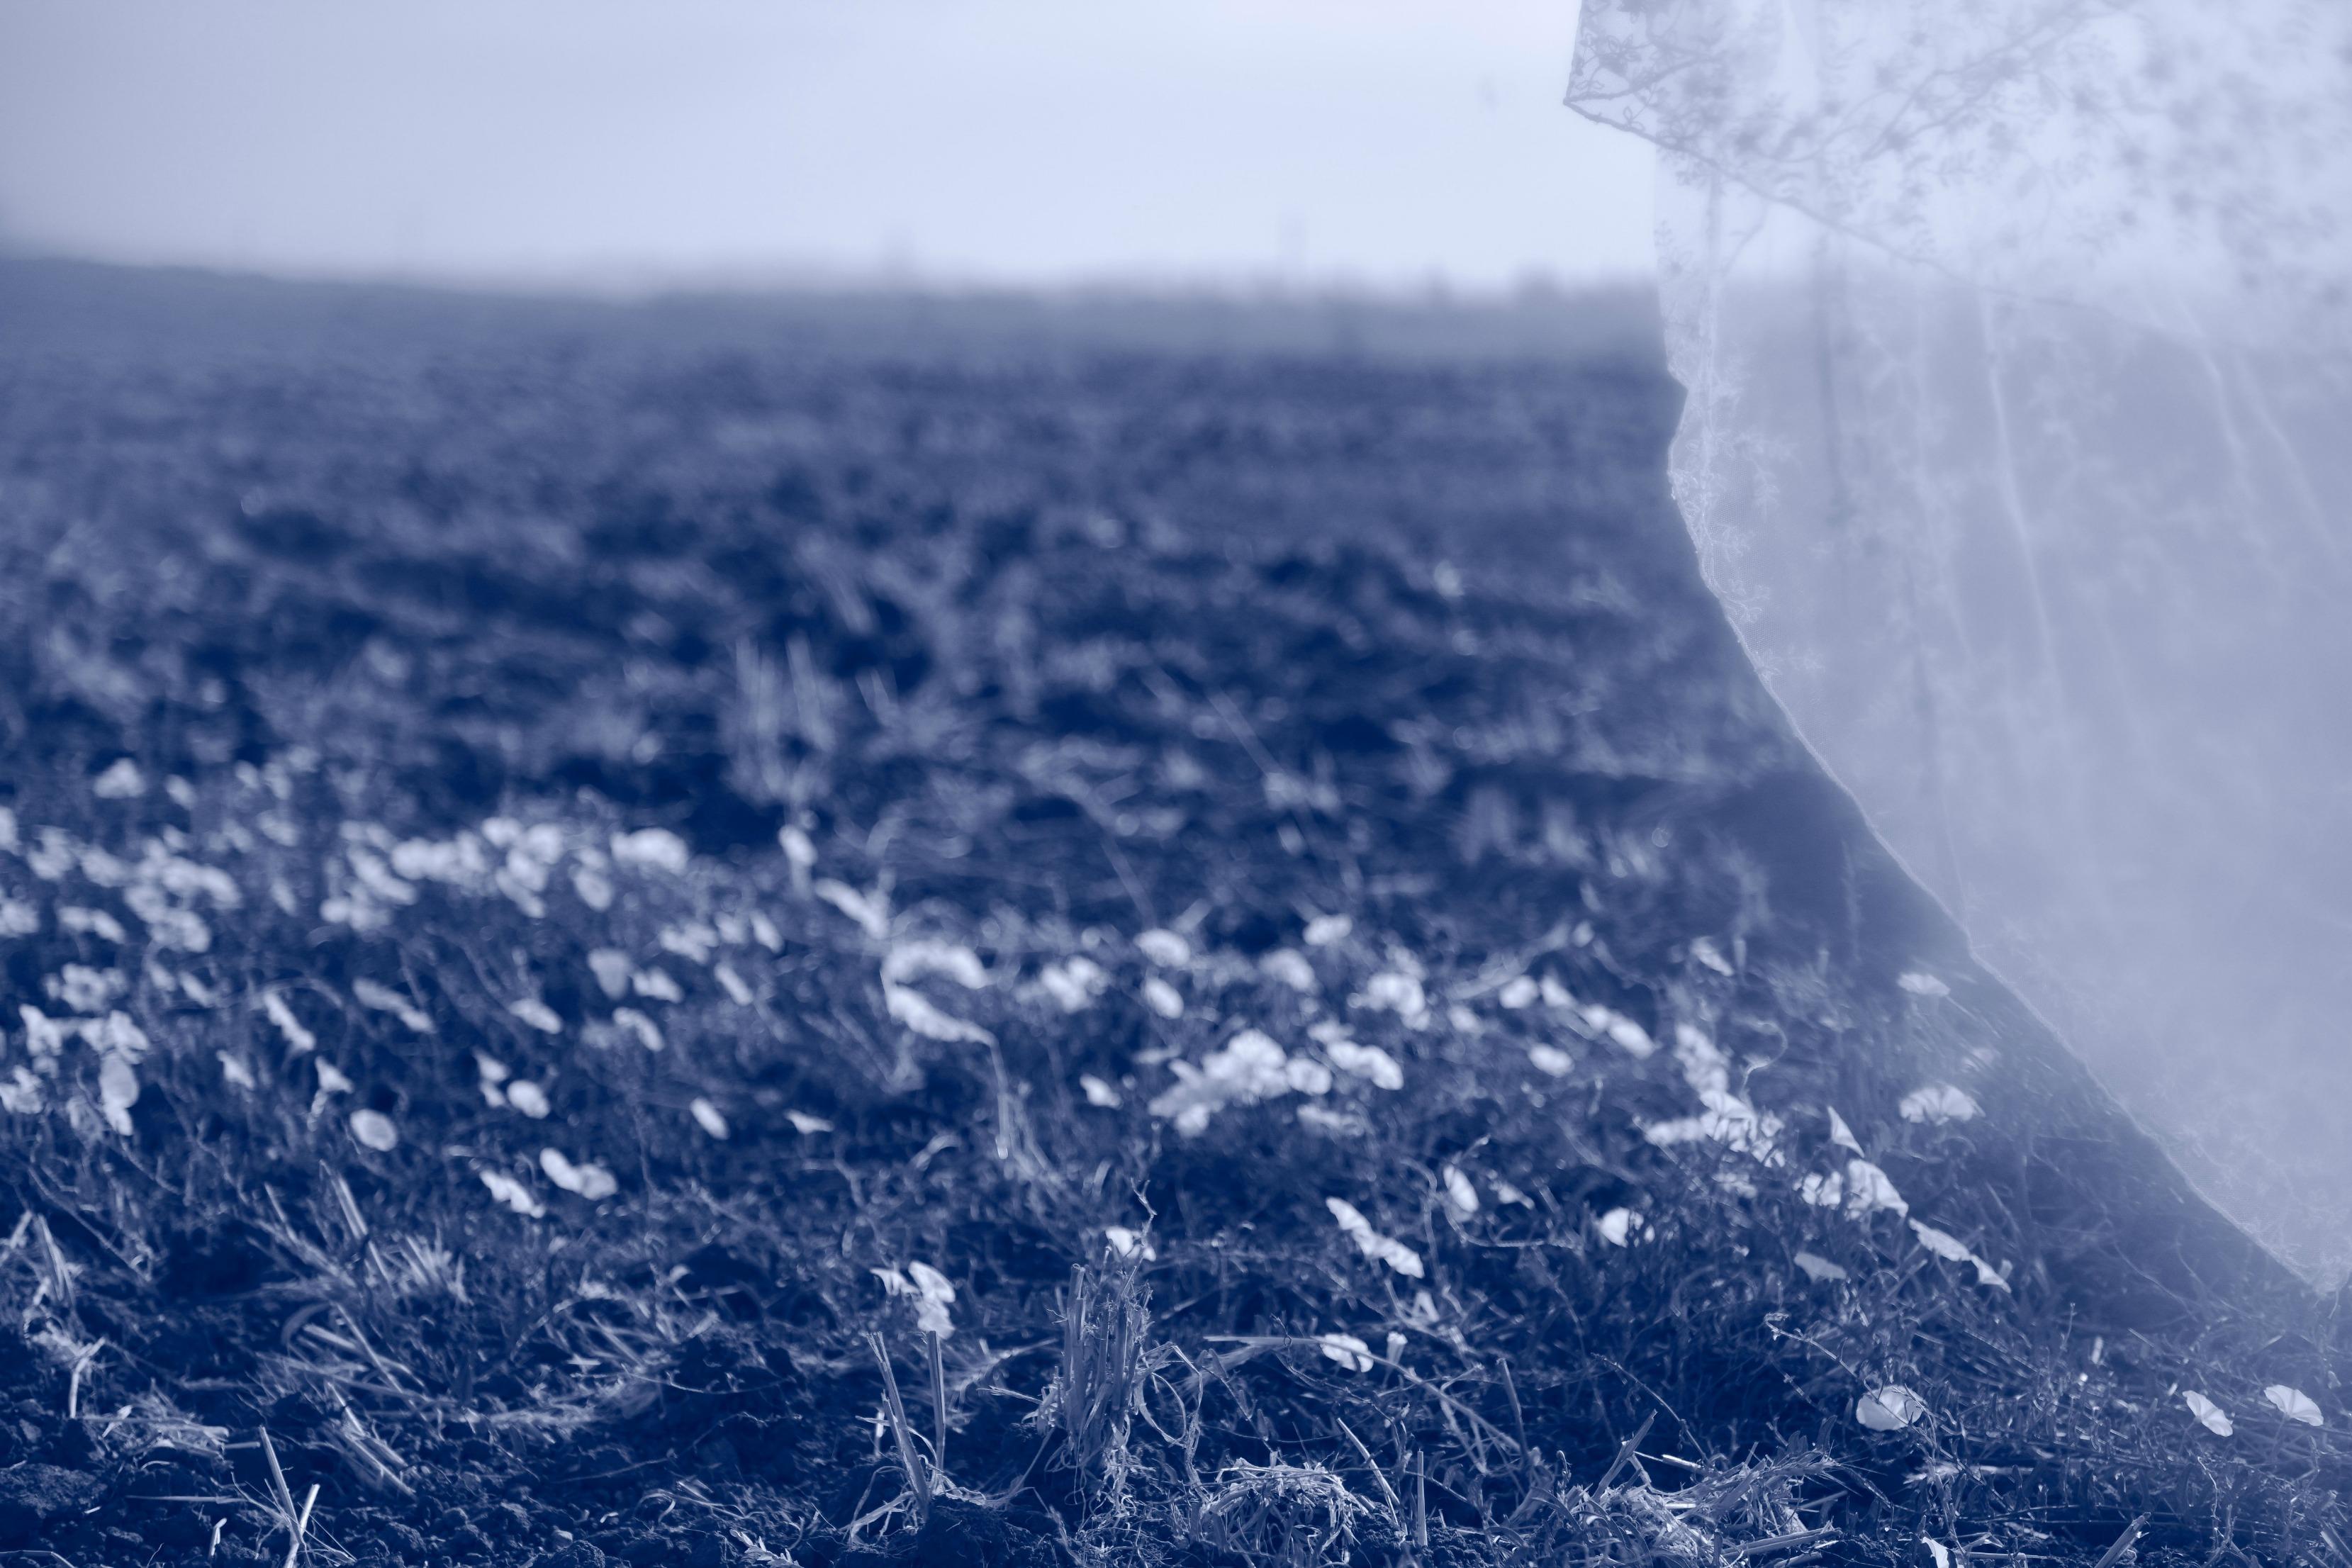 טול בשדה פרחים, פילטר כחול. מתוך הפוסט - חיבוק של אדמה מהבלוג של תמרי סלונים ליבס tamariandme.com צילום: טלי רצקר